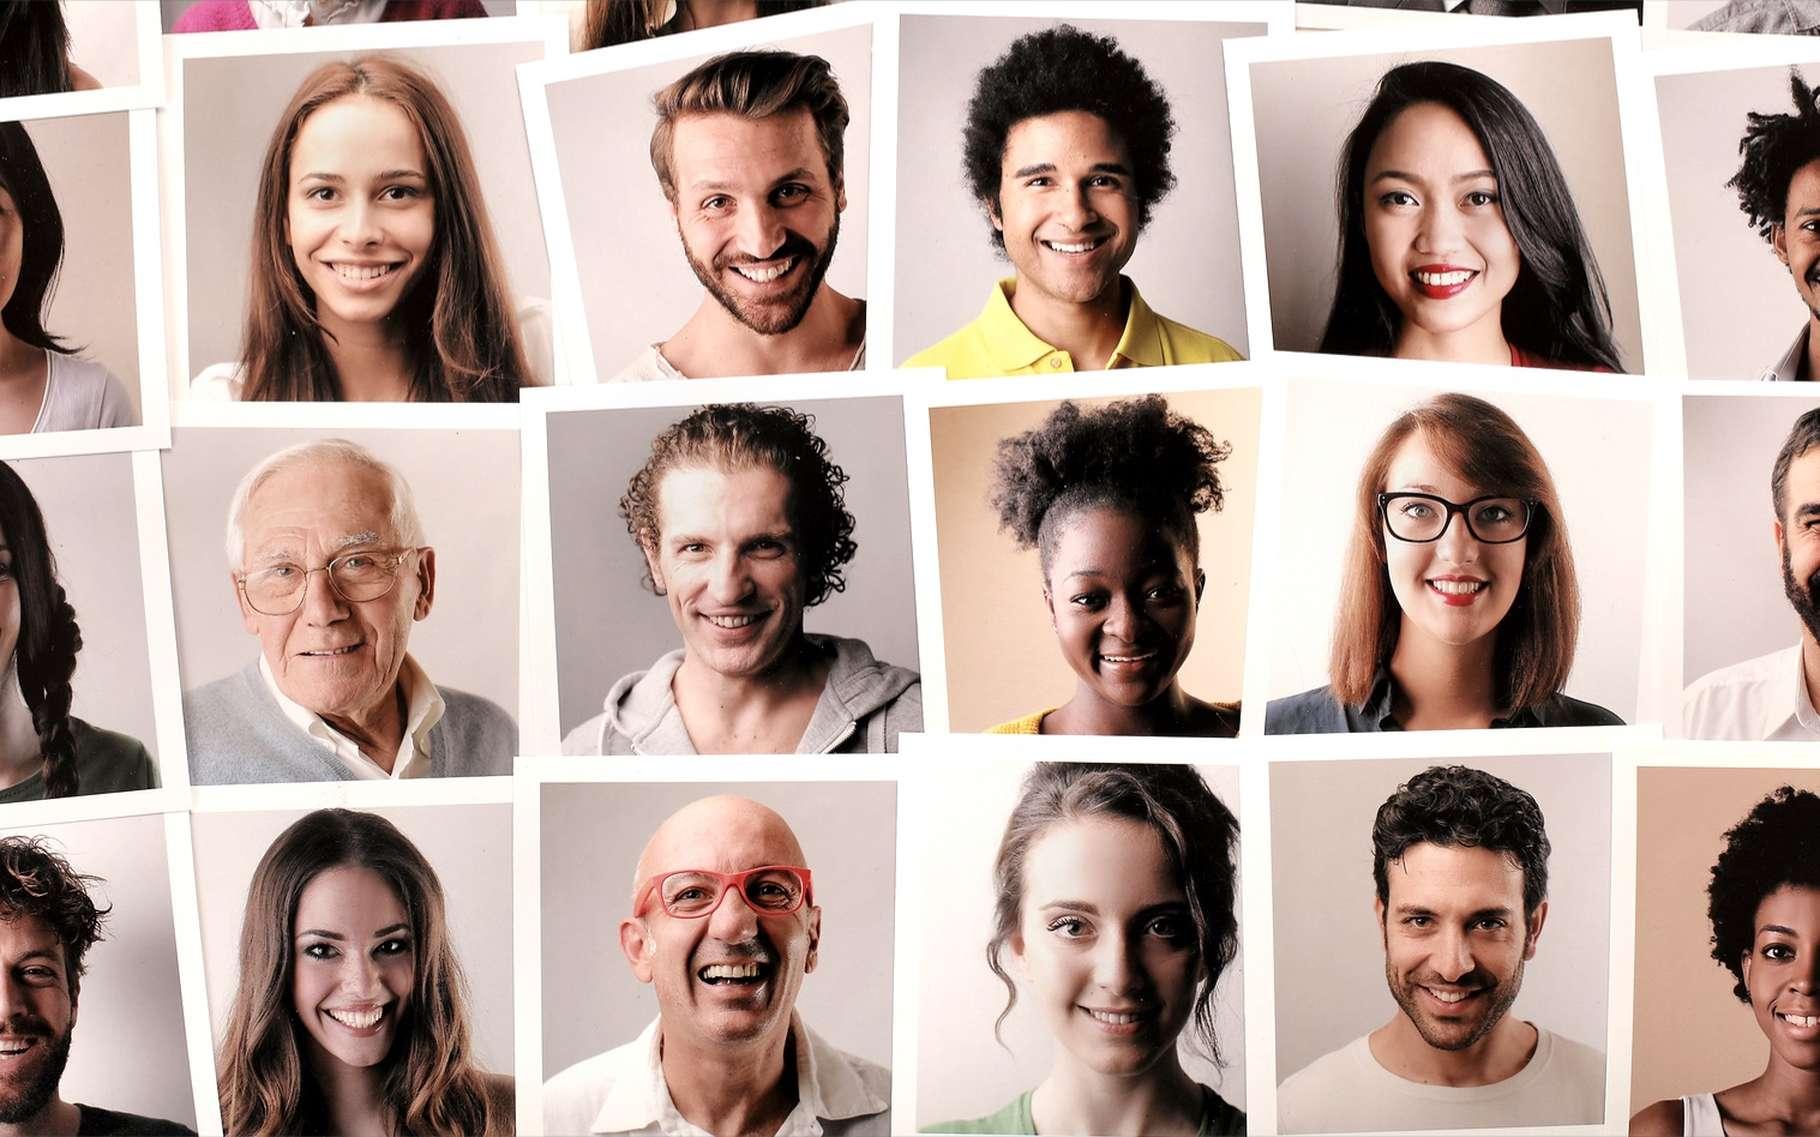 Les super-physionomistes retiennent facilement les nouveaux visages. © Ollyy, Shutterstock